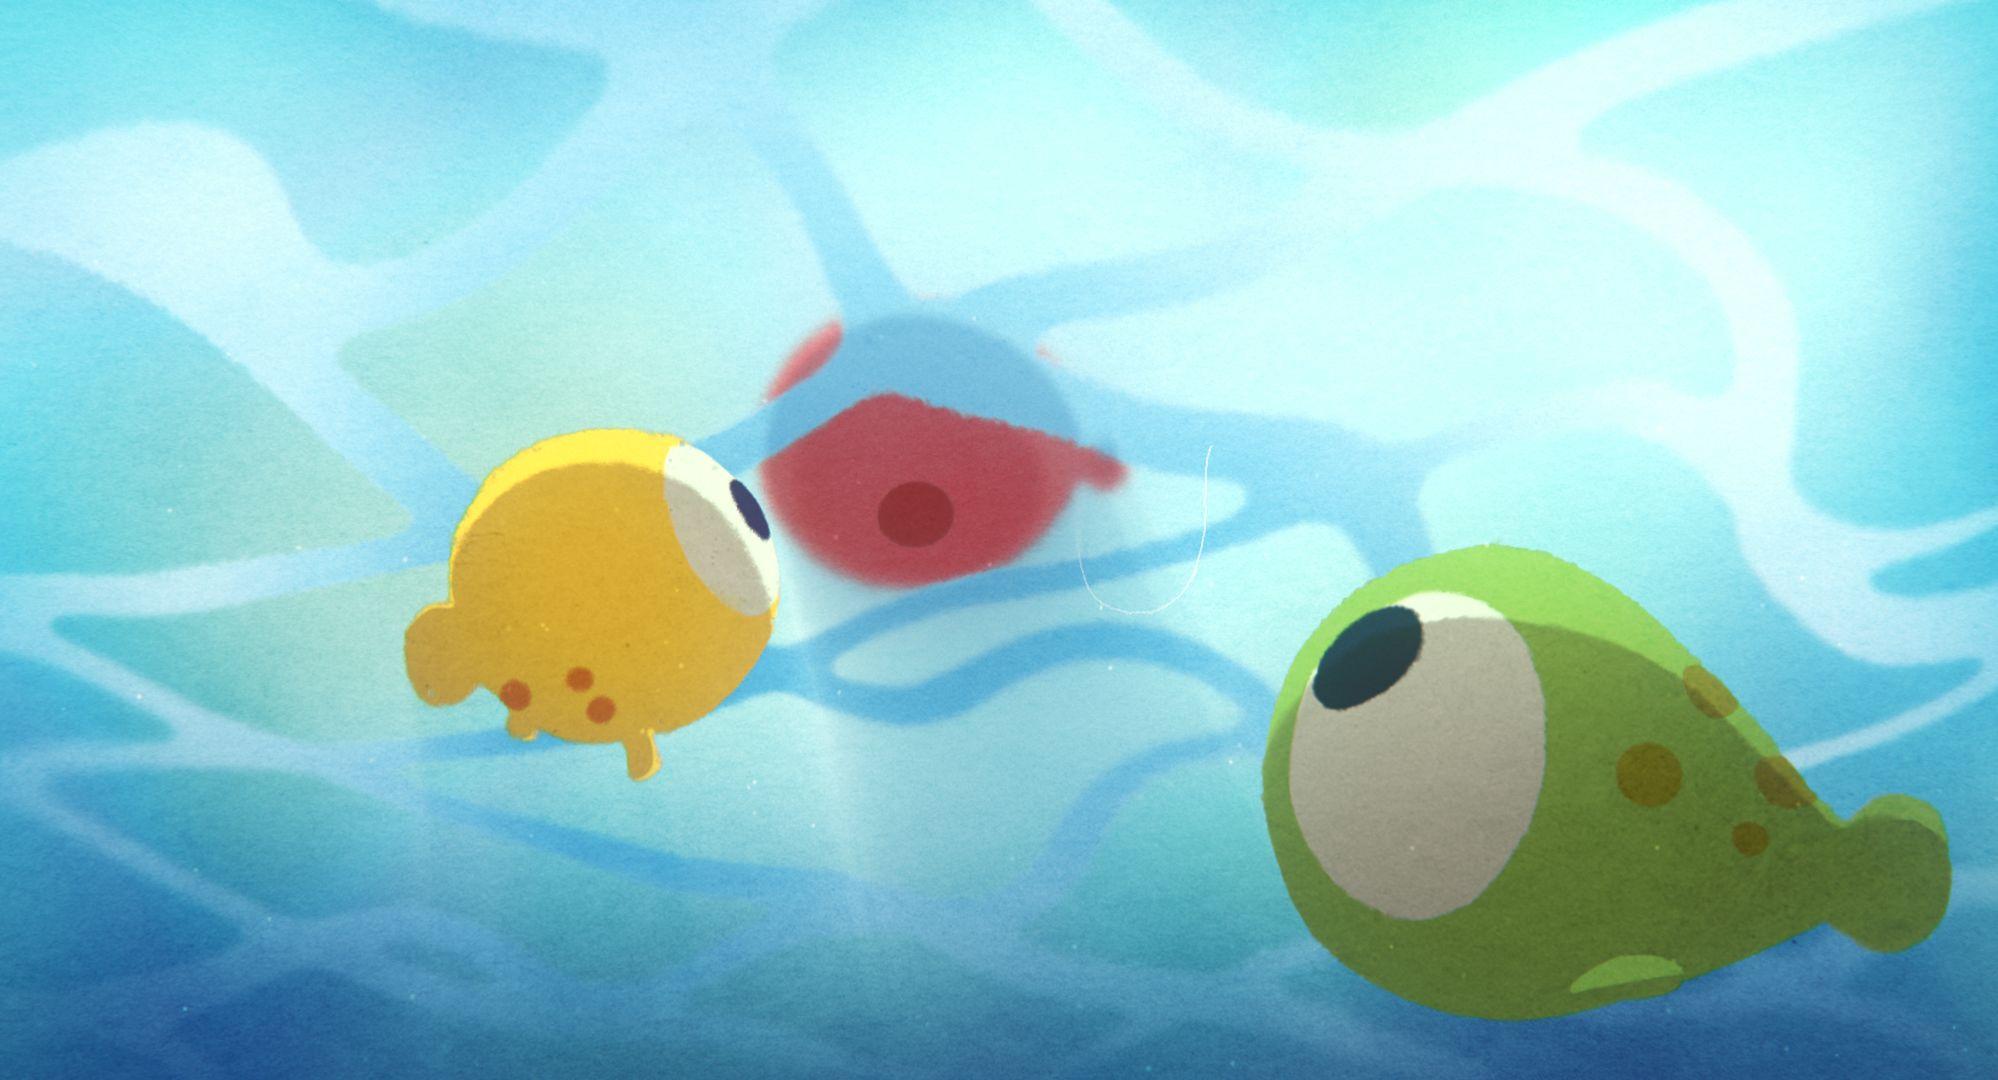 《怪怪魚》(Funny Fish)